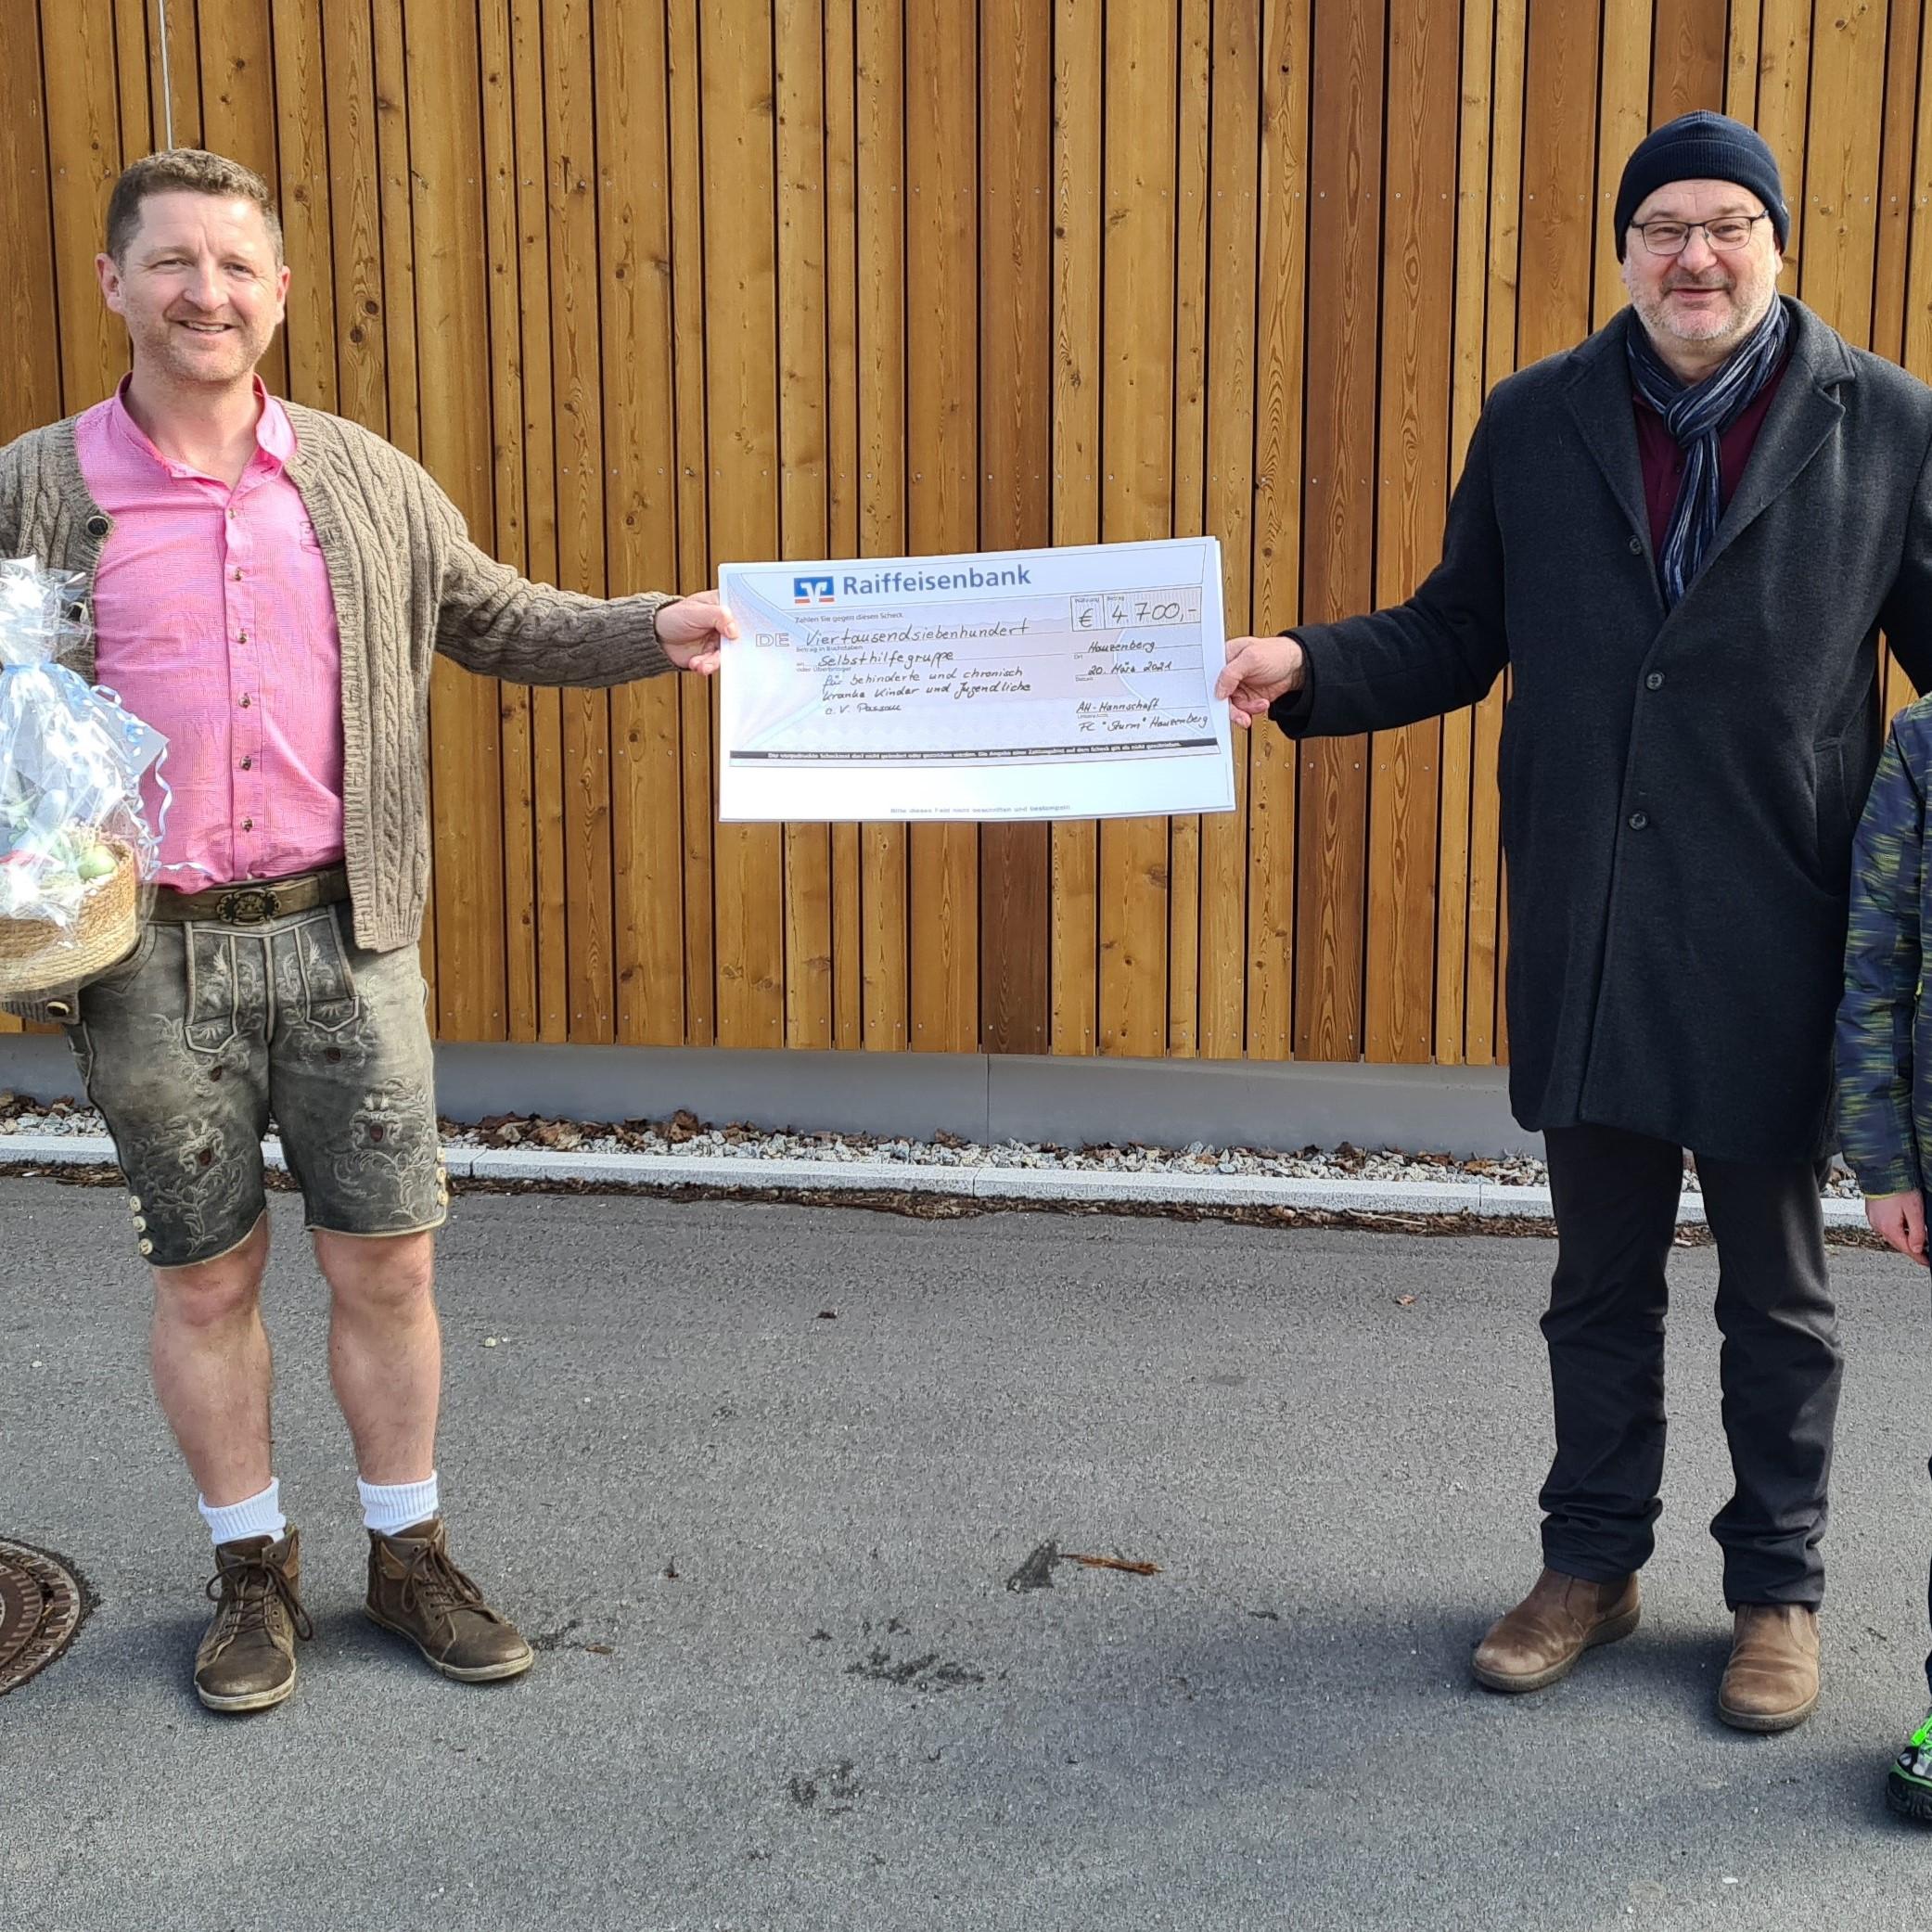 FC Sturm Spendenaktion sehr großer Erfolg – 4.700 Euro für den guten Zweck